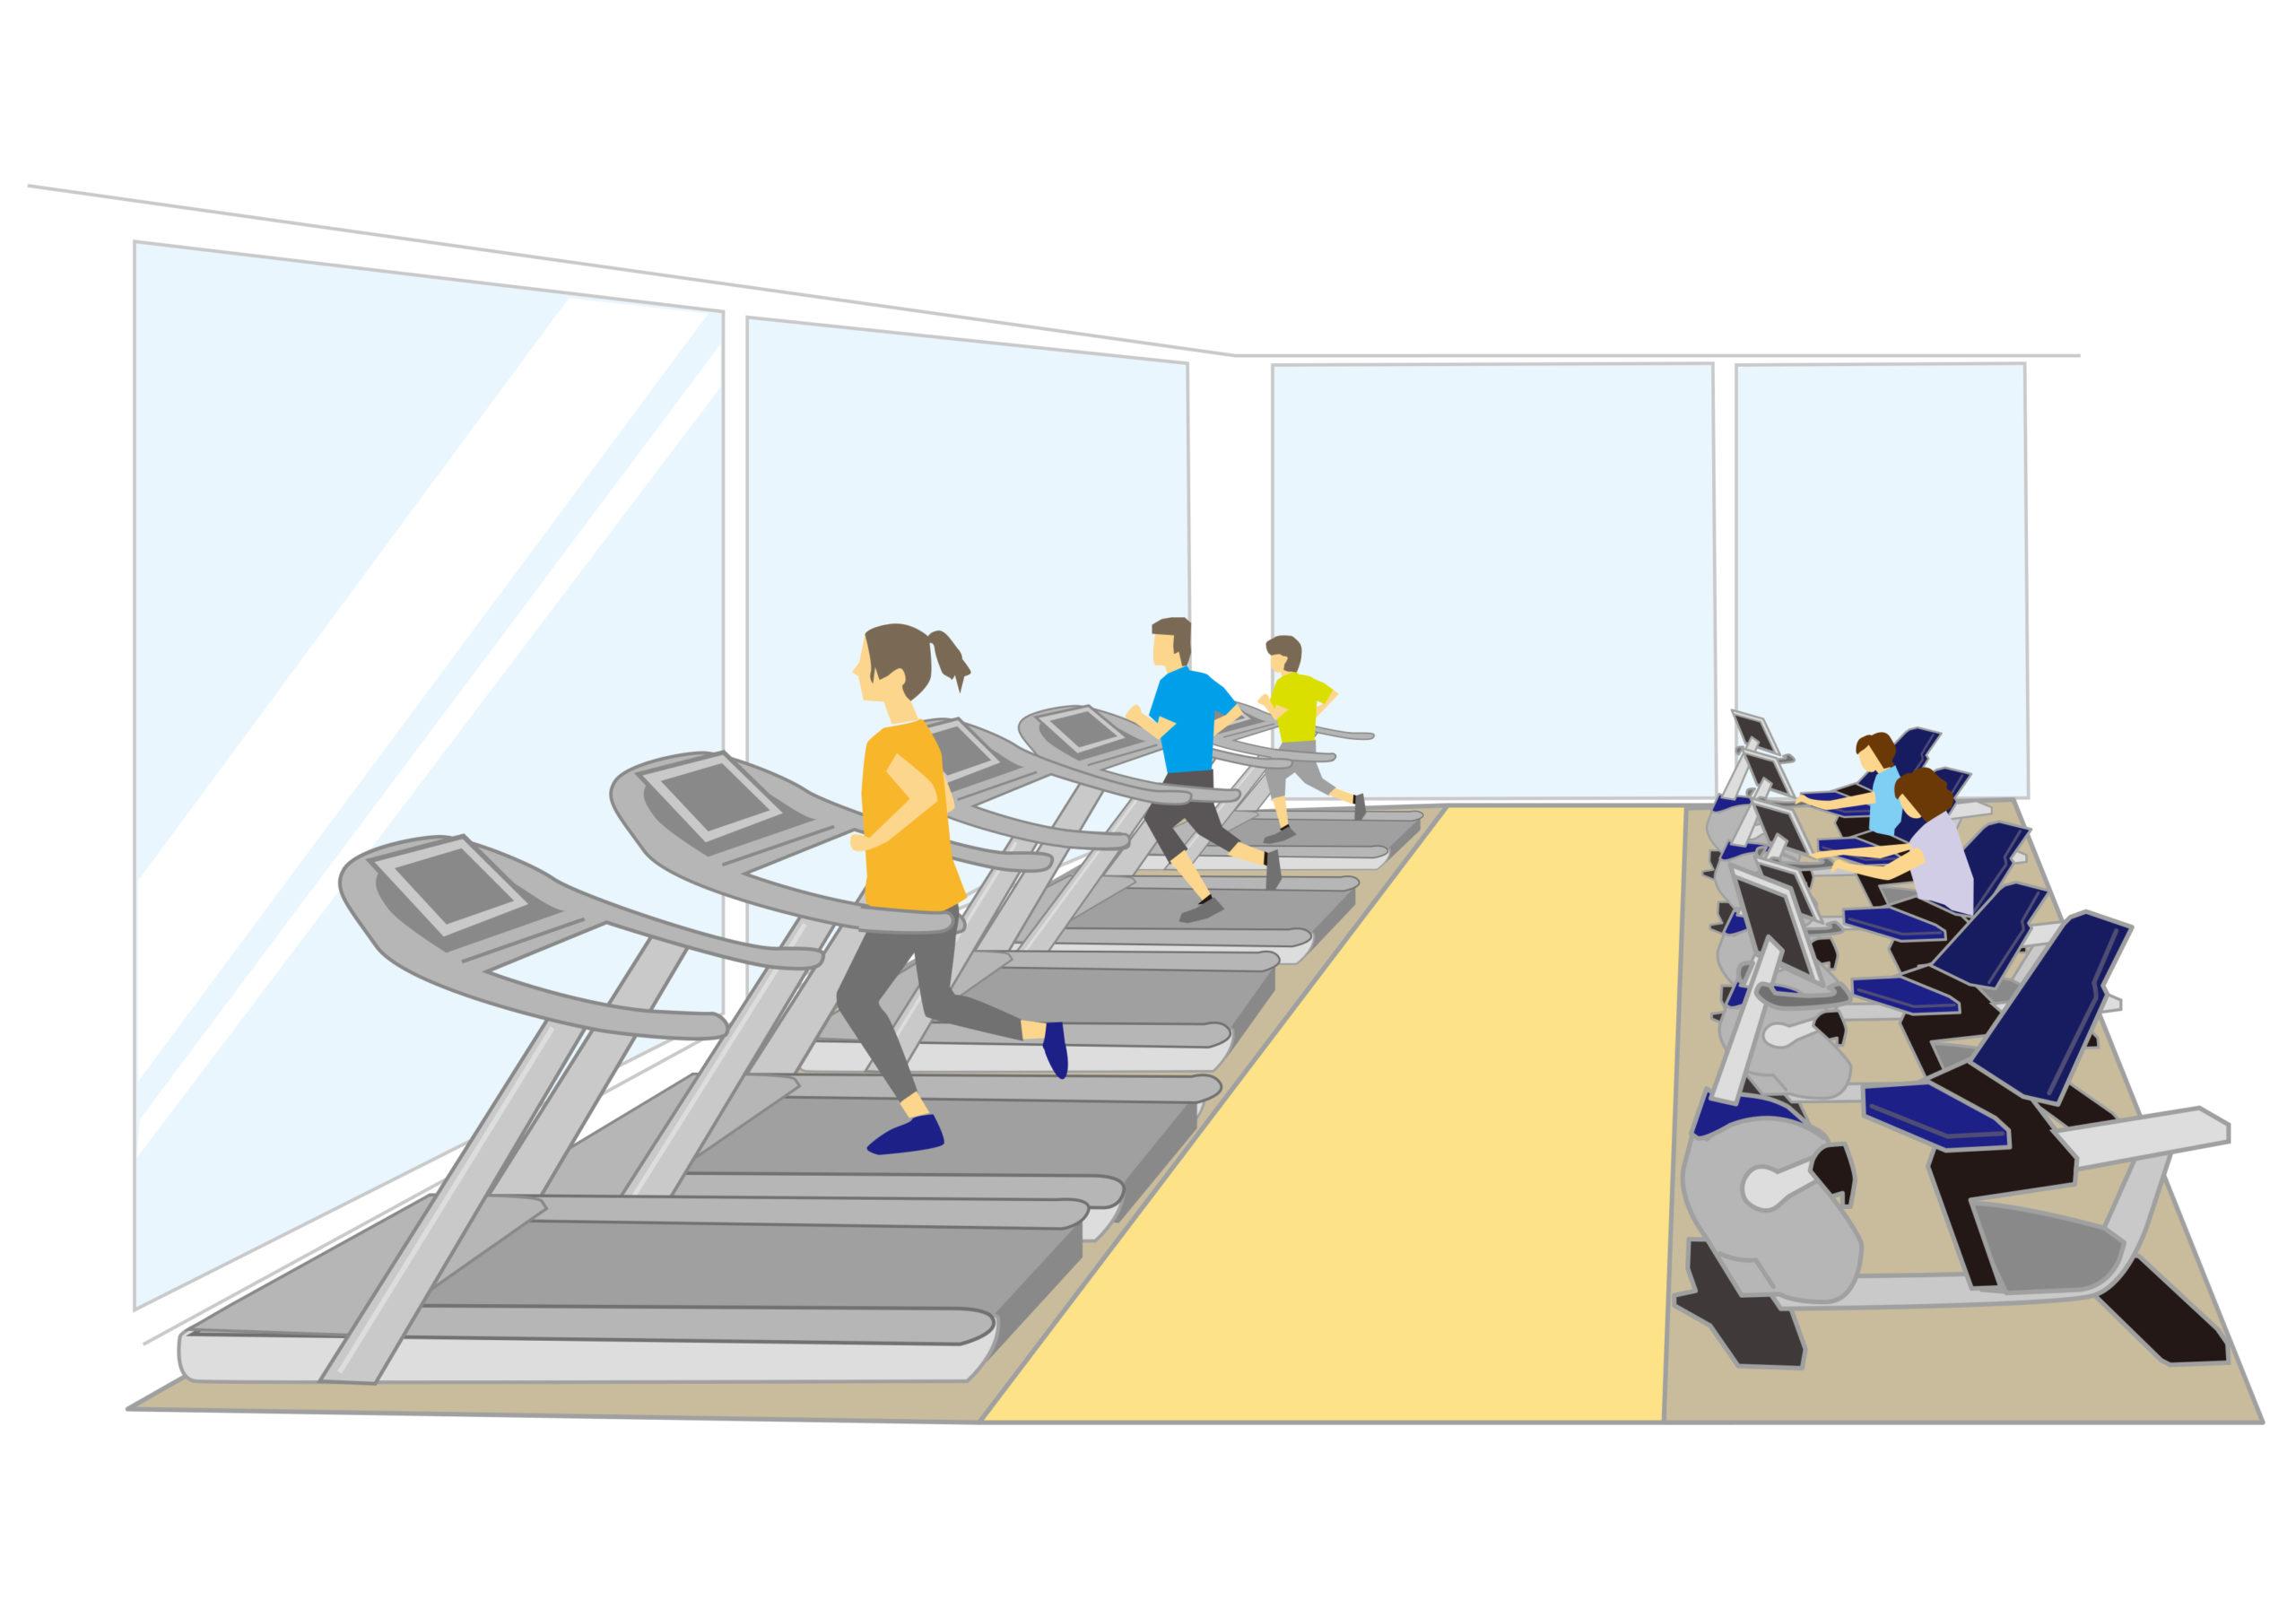 スポーツジムで運動に励む人たち